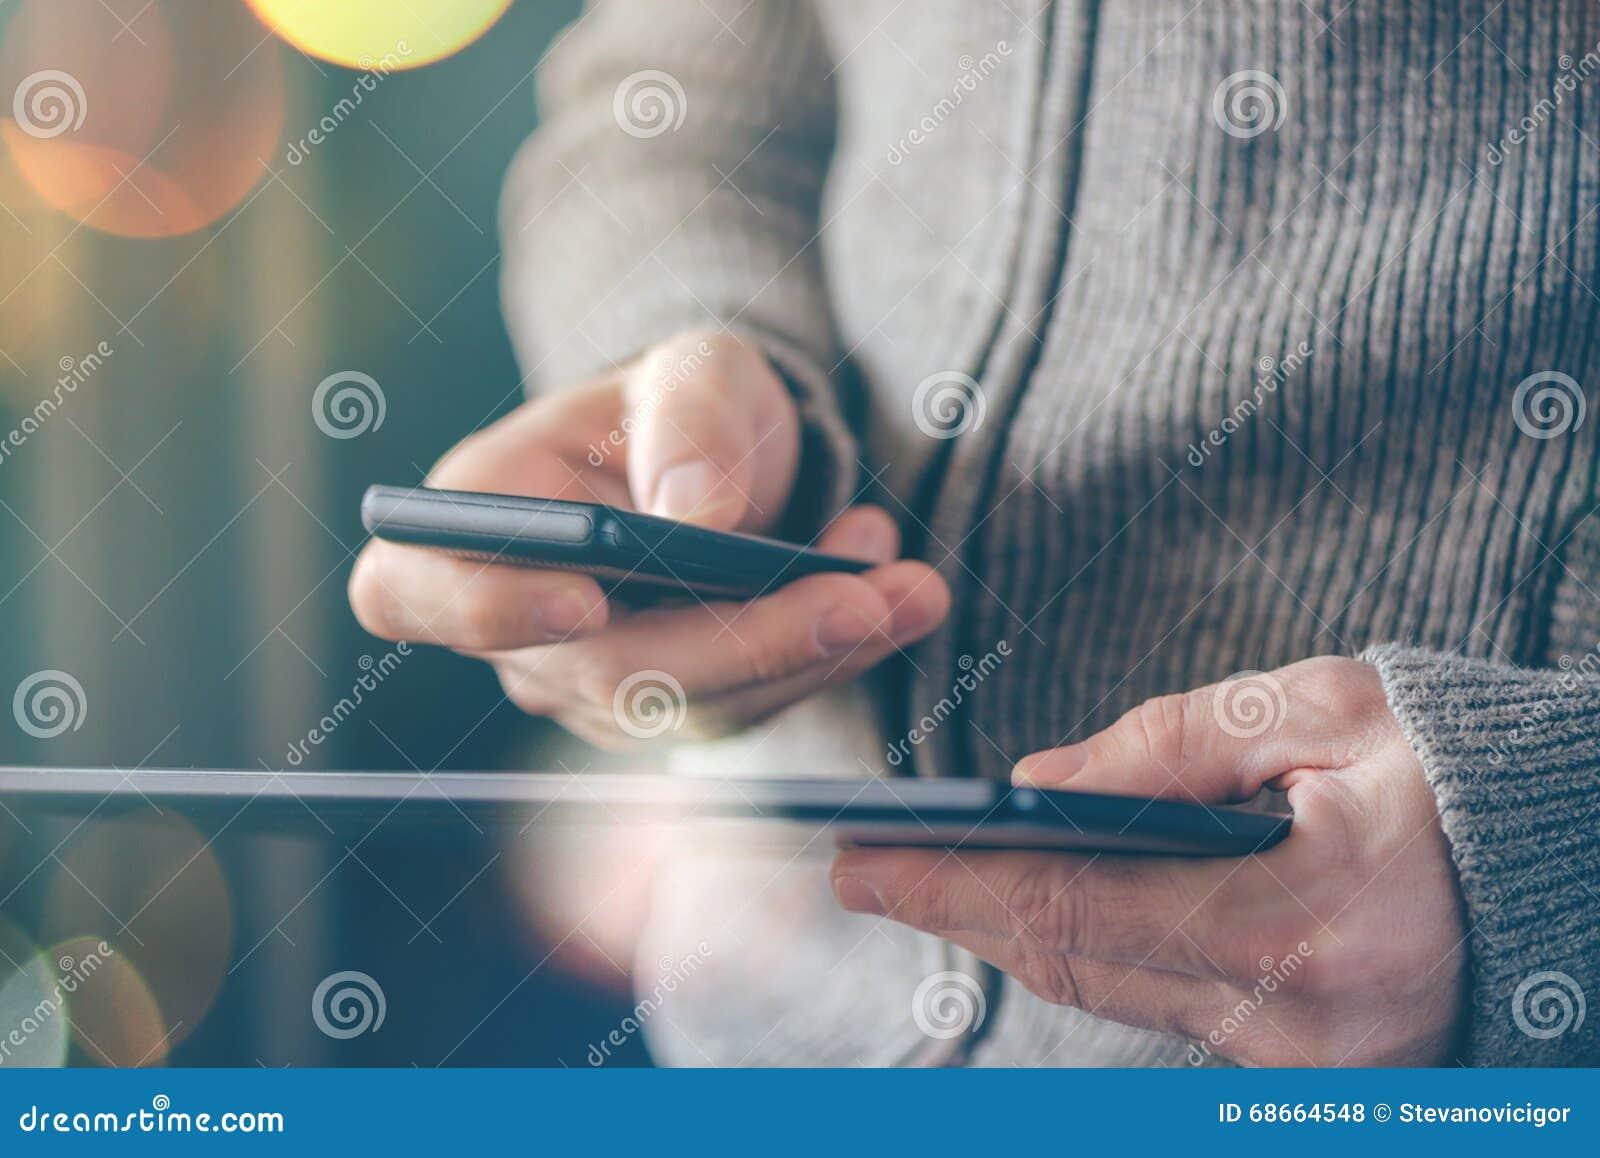 Smartphone et synchronisation de données de comprimé, dossiers syncing d homme